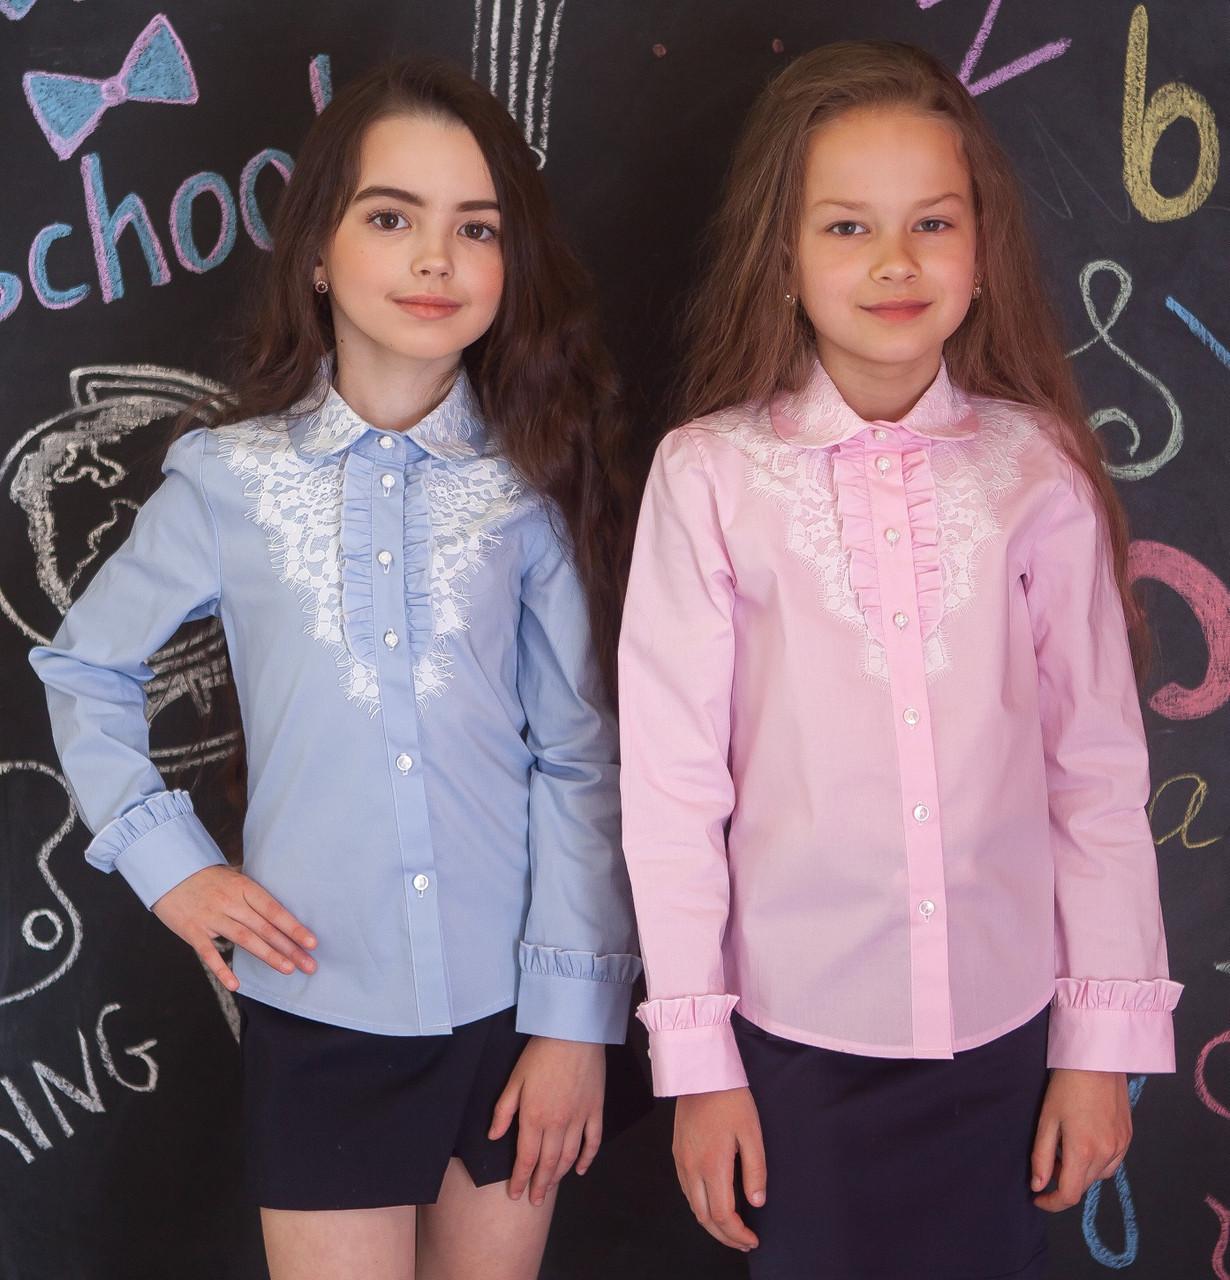 Рубашка для девочки розовая с кружевом и кружевным воротничком, фото 1